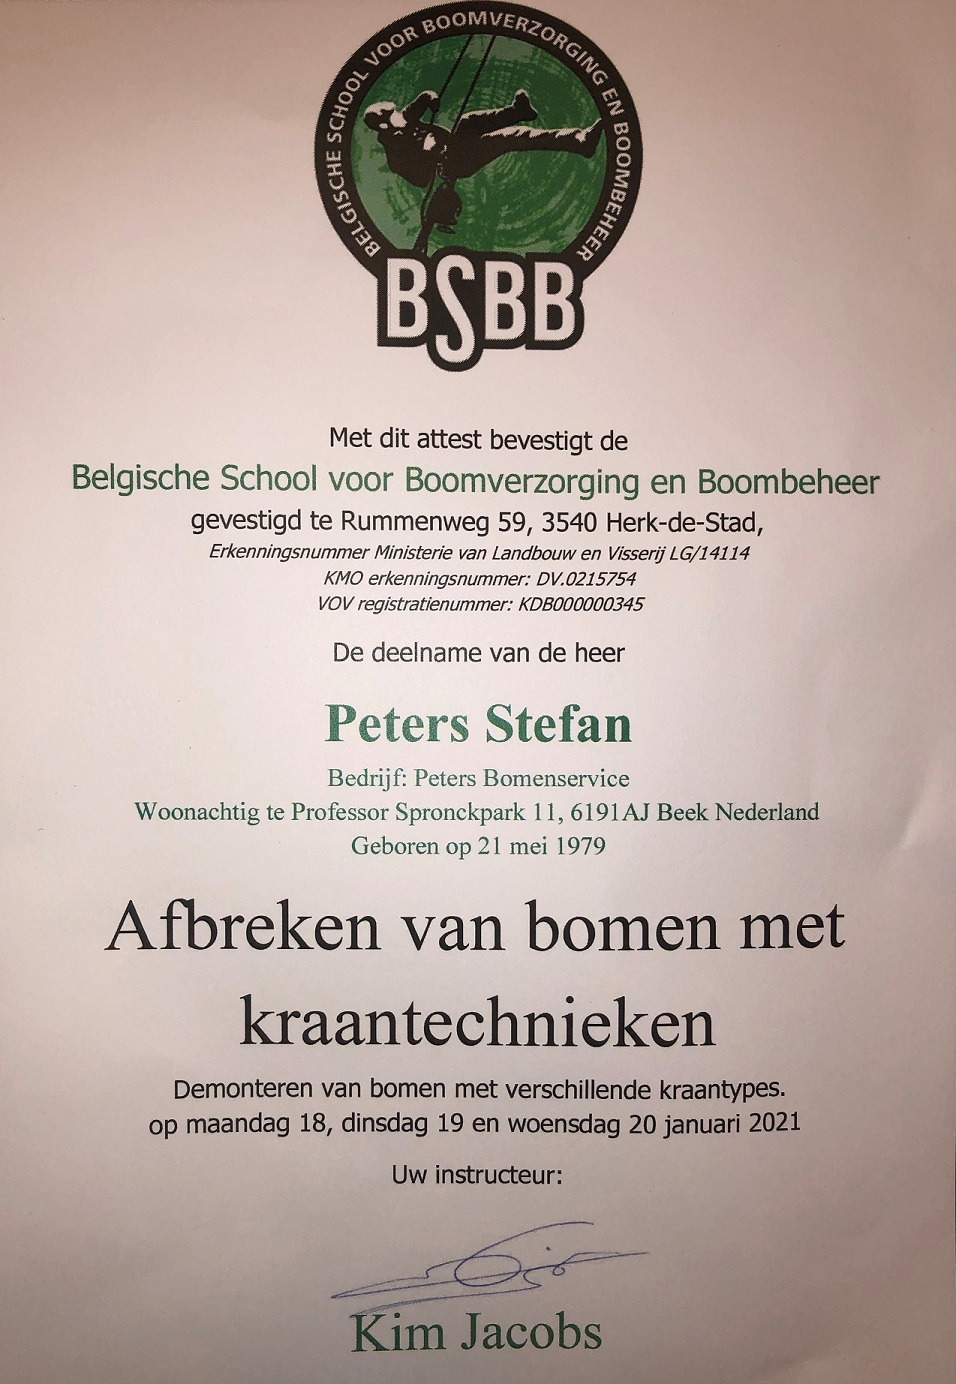 BSBB Certificaat, peters bomen service, neerbeek, zuid limburg, veiligheid